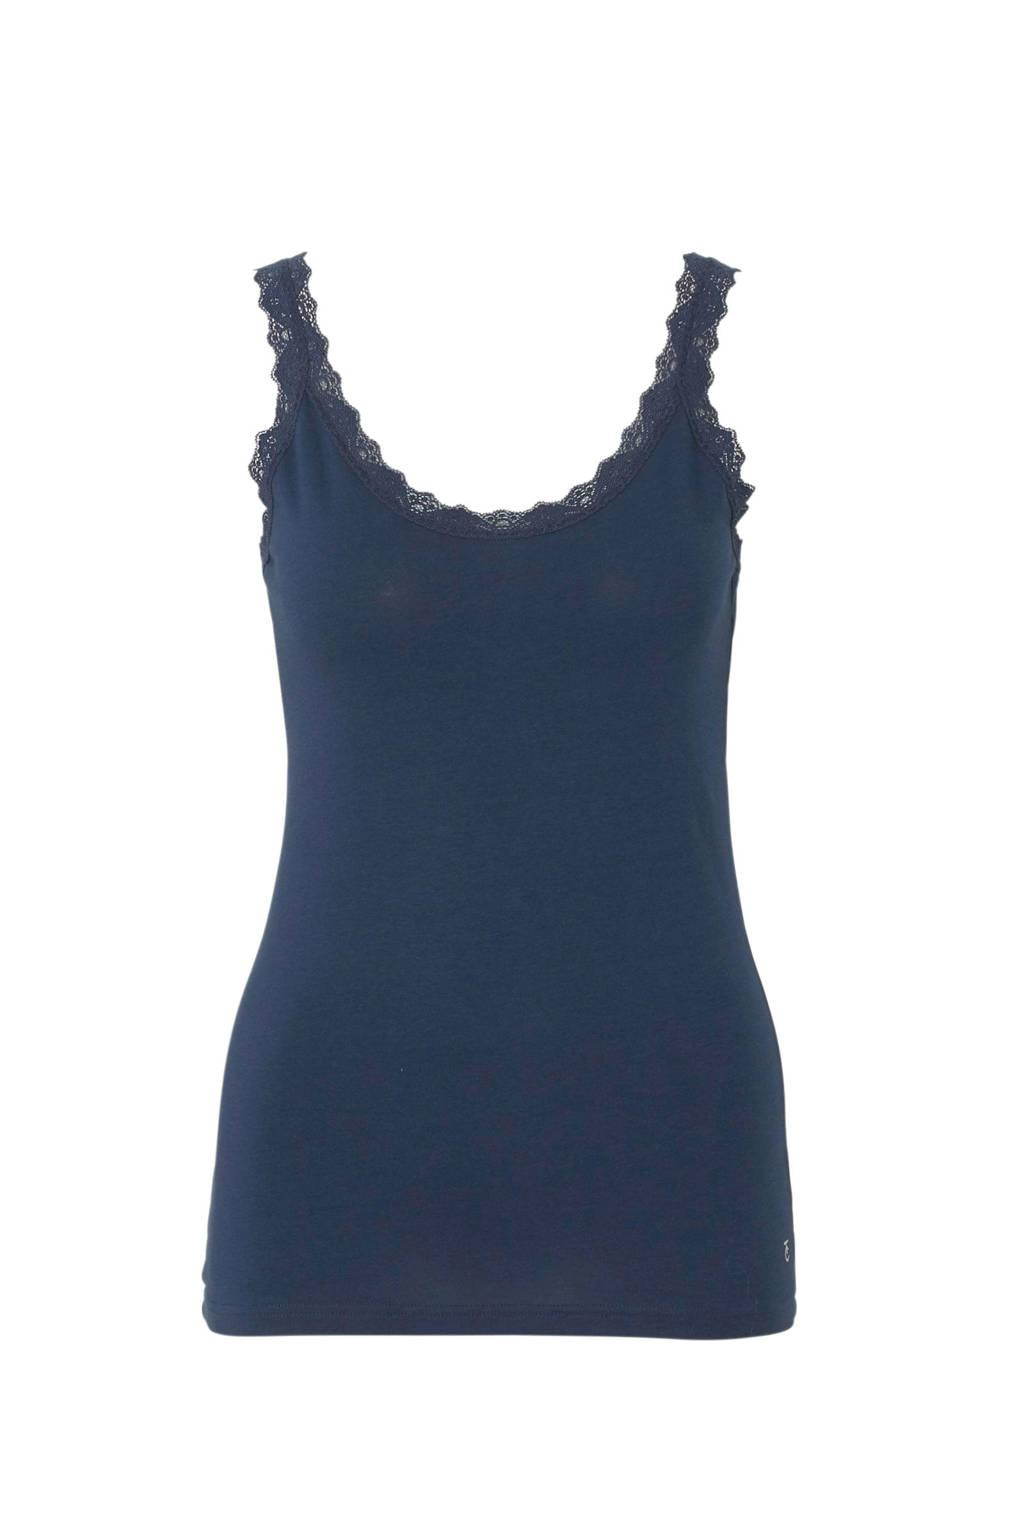 ten Cate hemd met kant blauw, Blauw